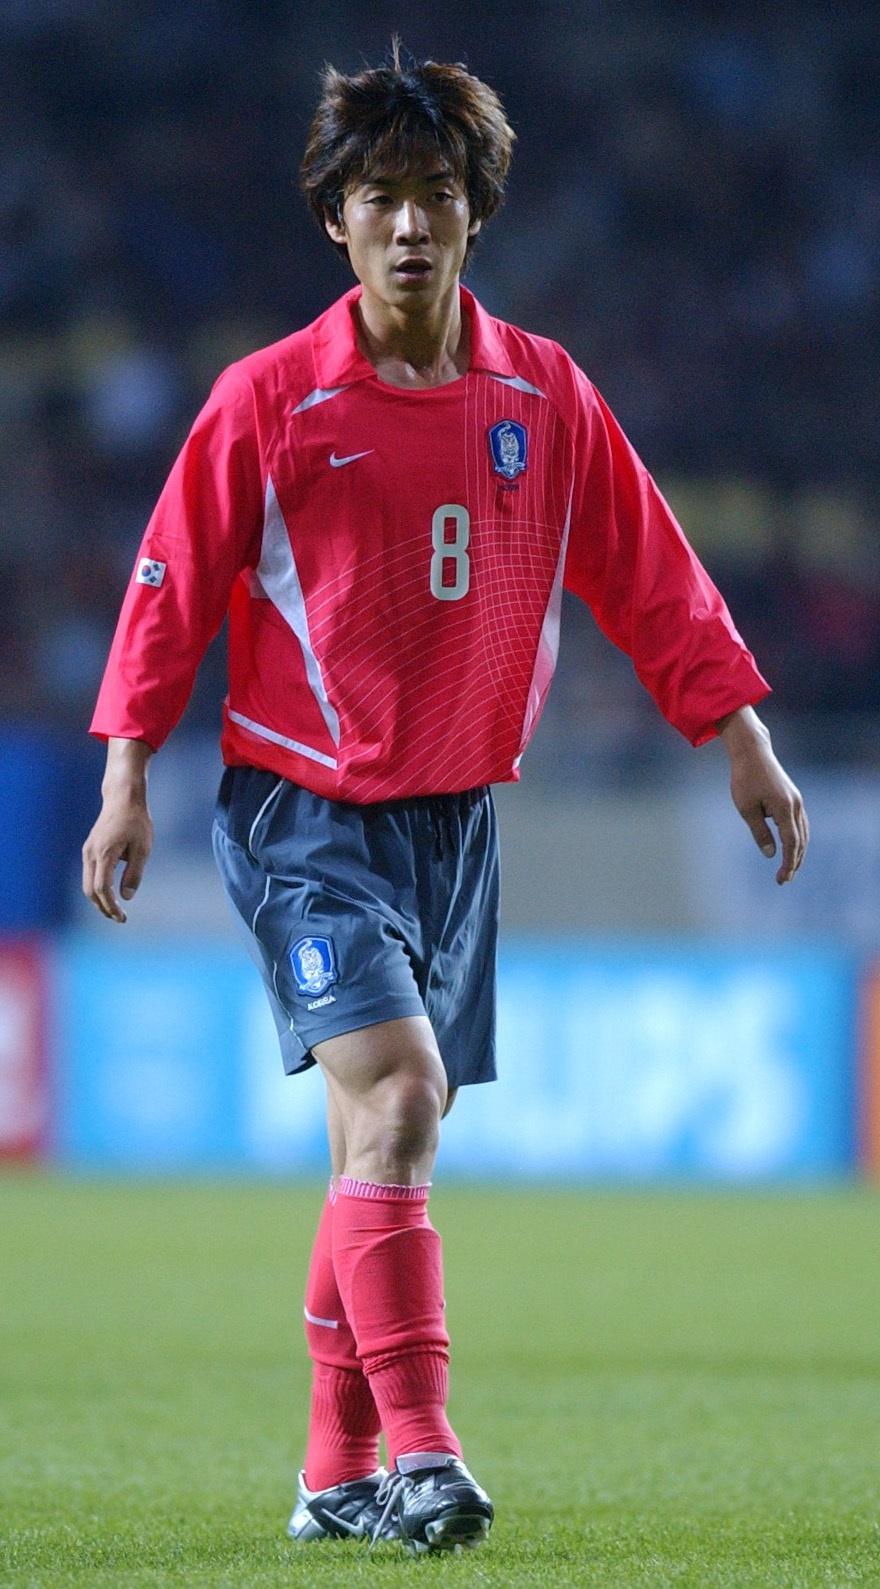 2002년 4월 중국과 국가대표 친선경기에 출전한 윤정환. 그는 2002년 월드컵 본선에서 단 한 차례도 경기장에 나서지 못했다. 강창광 기자 chang@hani.co.kr